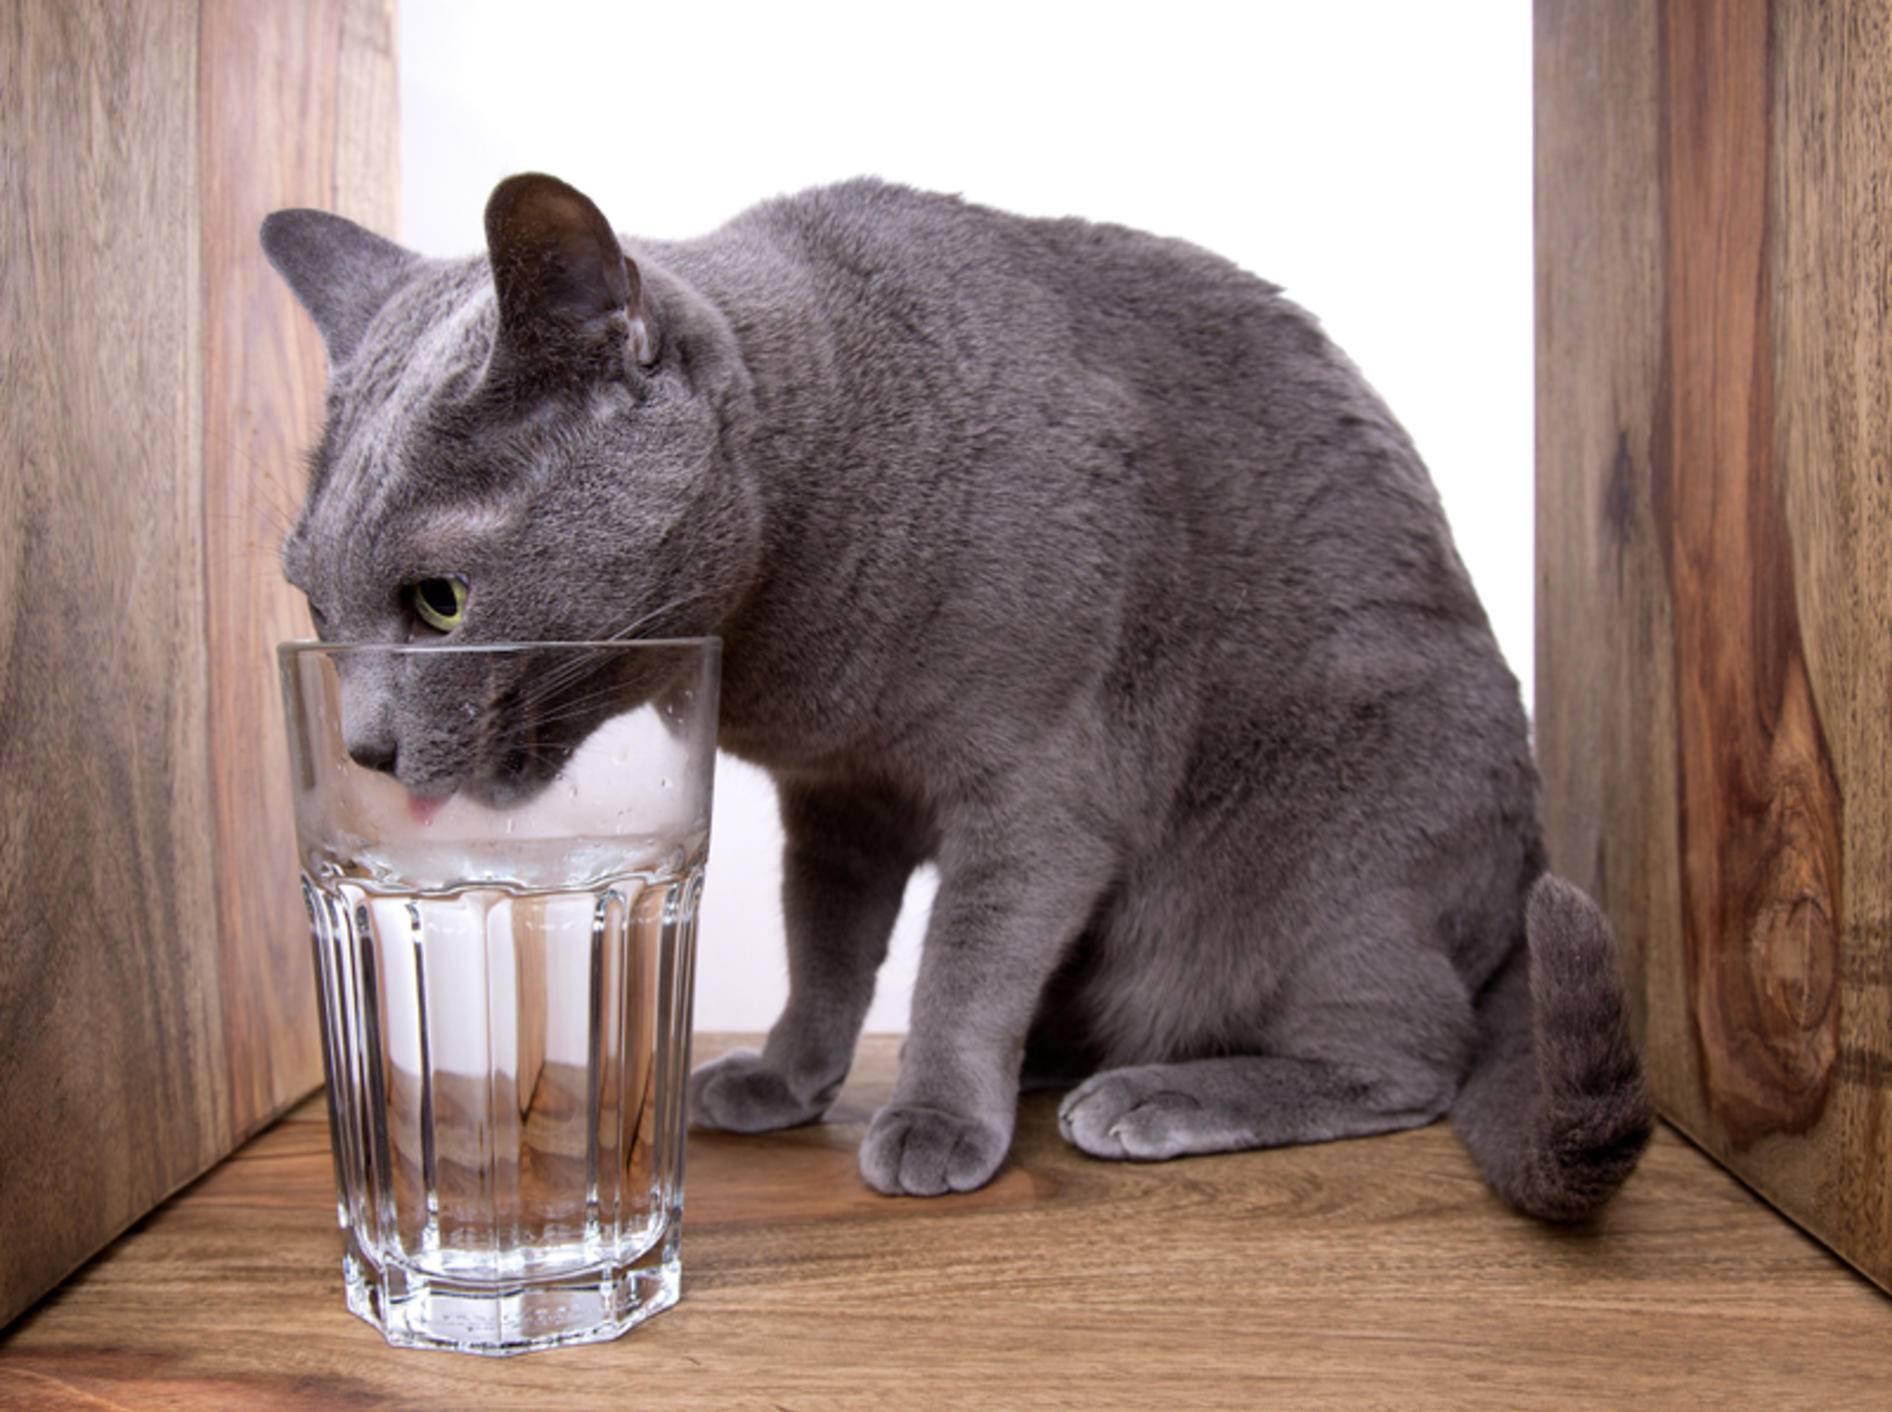 Aus dem Glas schmeckt dieser Katze das Wasser am besten – Shutterstock / Nailia Schwarz